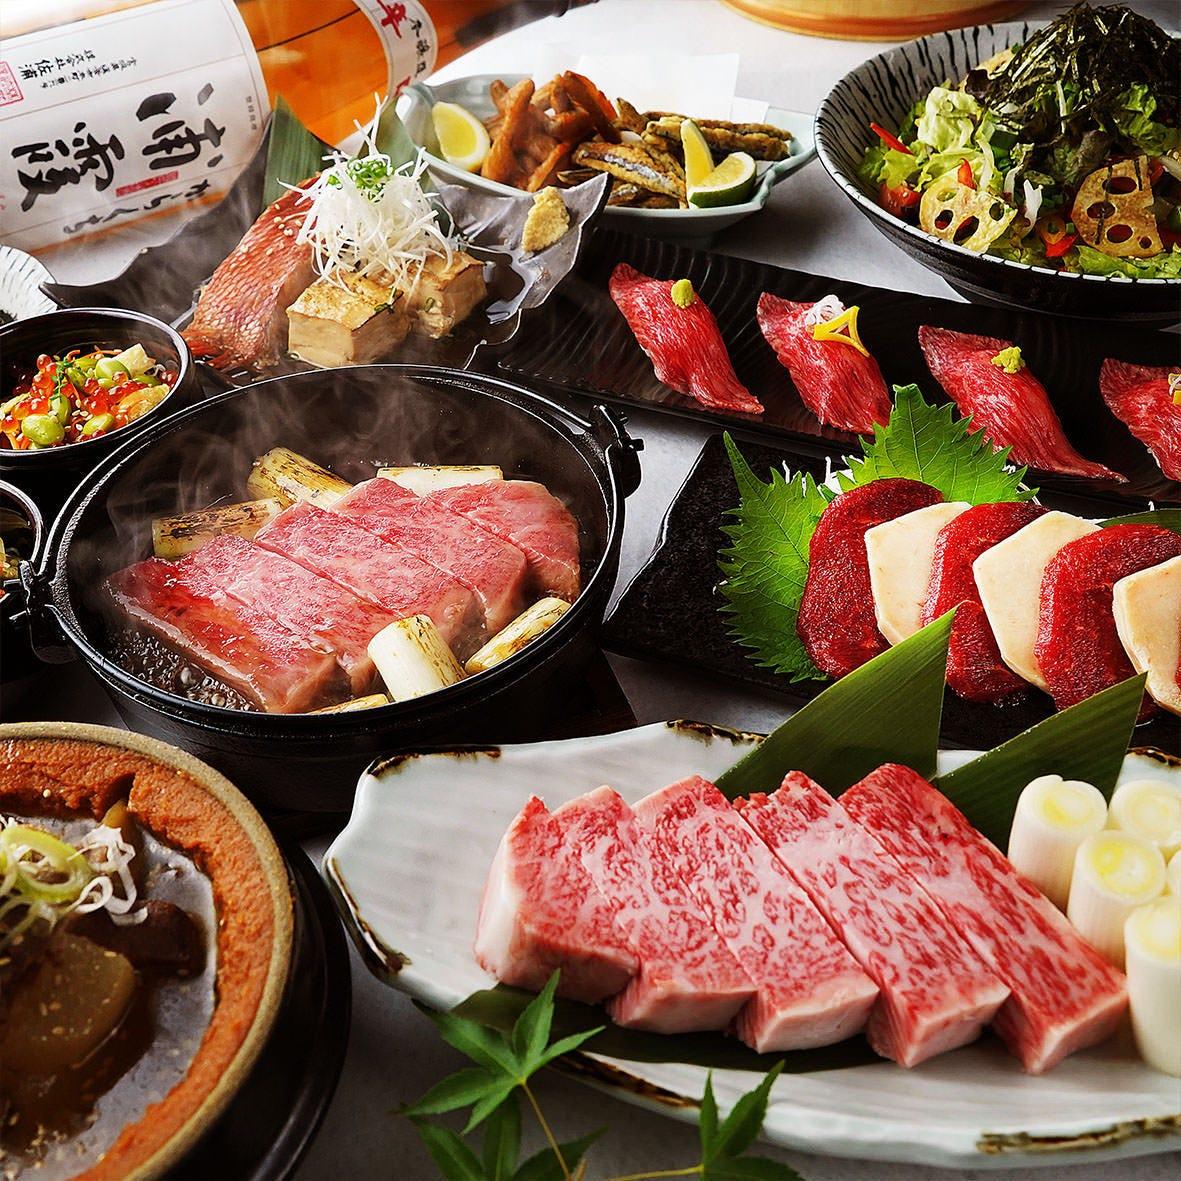 海鮮も肉も満喫できる極上宴会コース